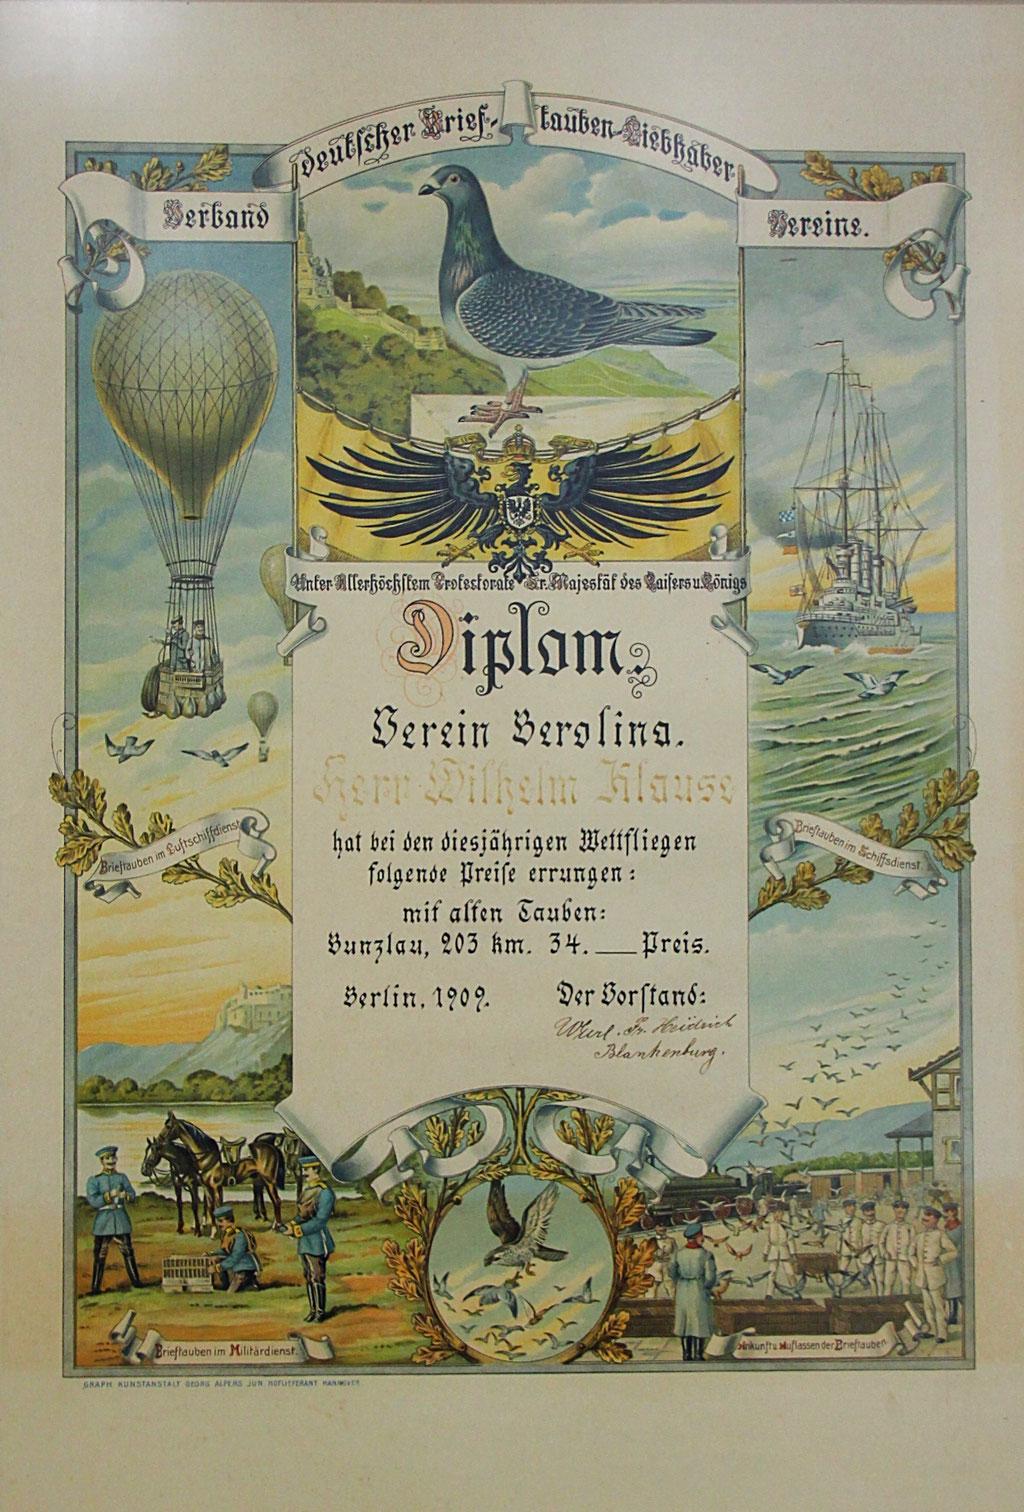 Diplom des Verbandes dt. Brieftauben-Liebhaber-Vereine aus dem Jahr 1909